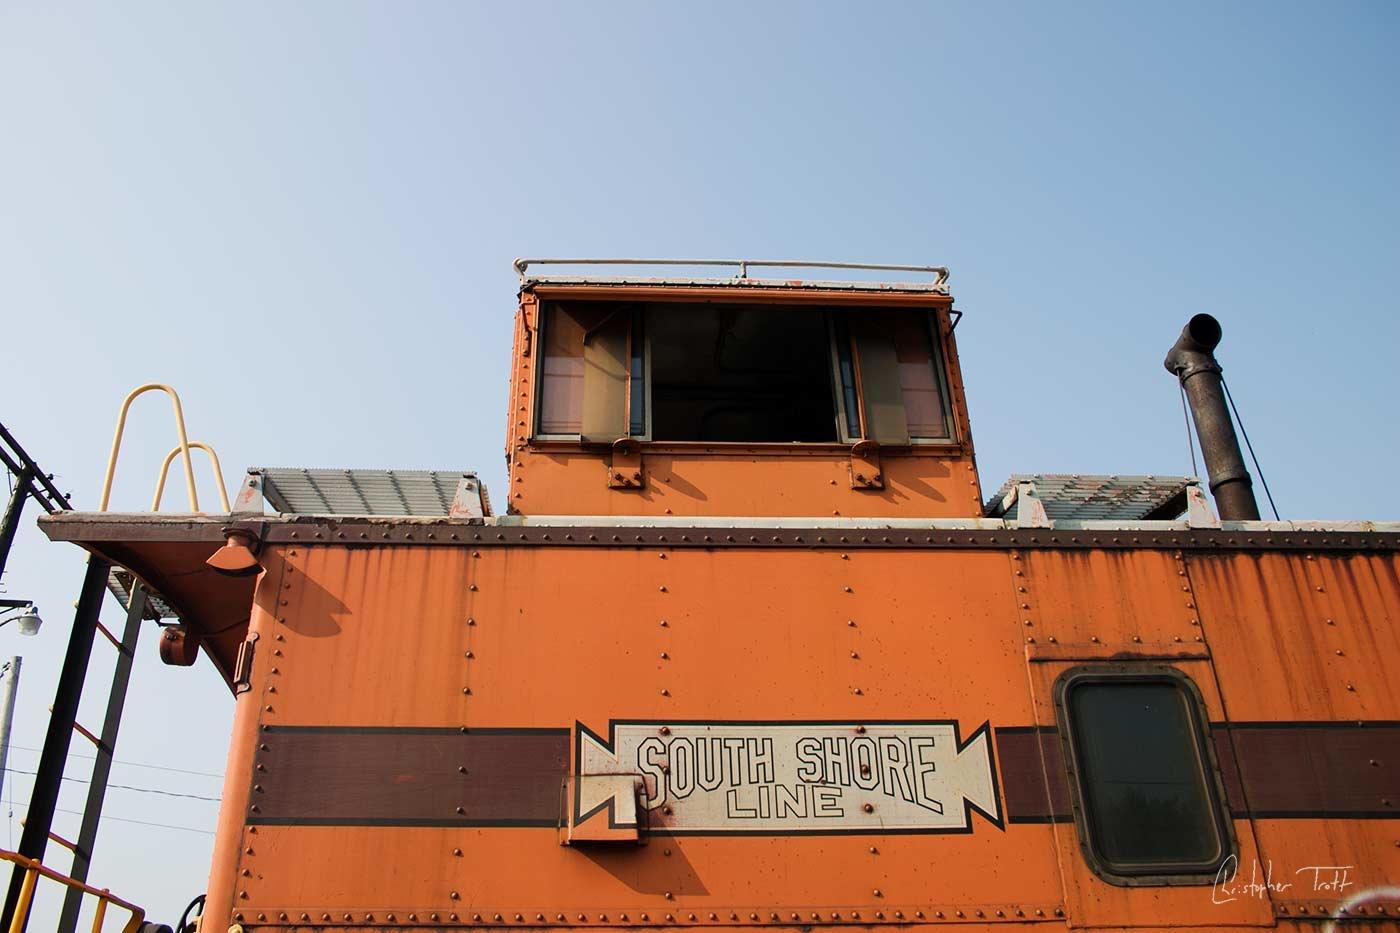 Southshore Rail